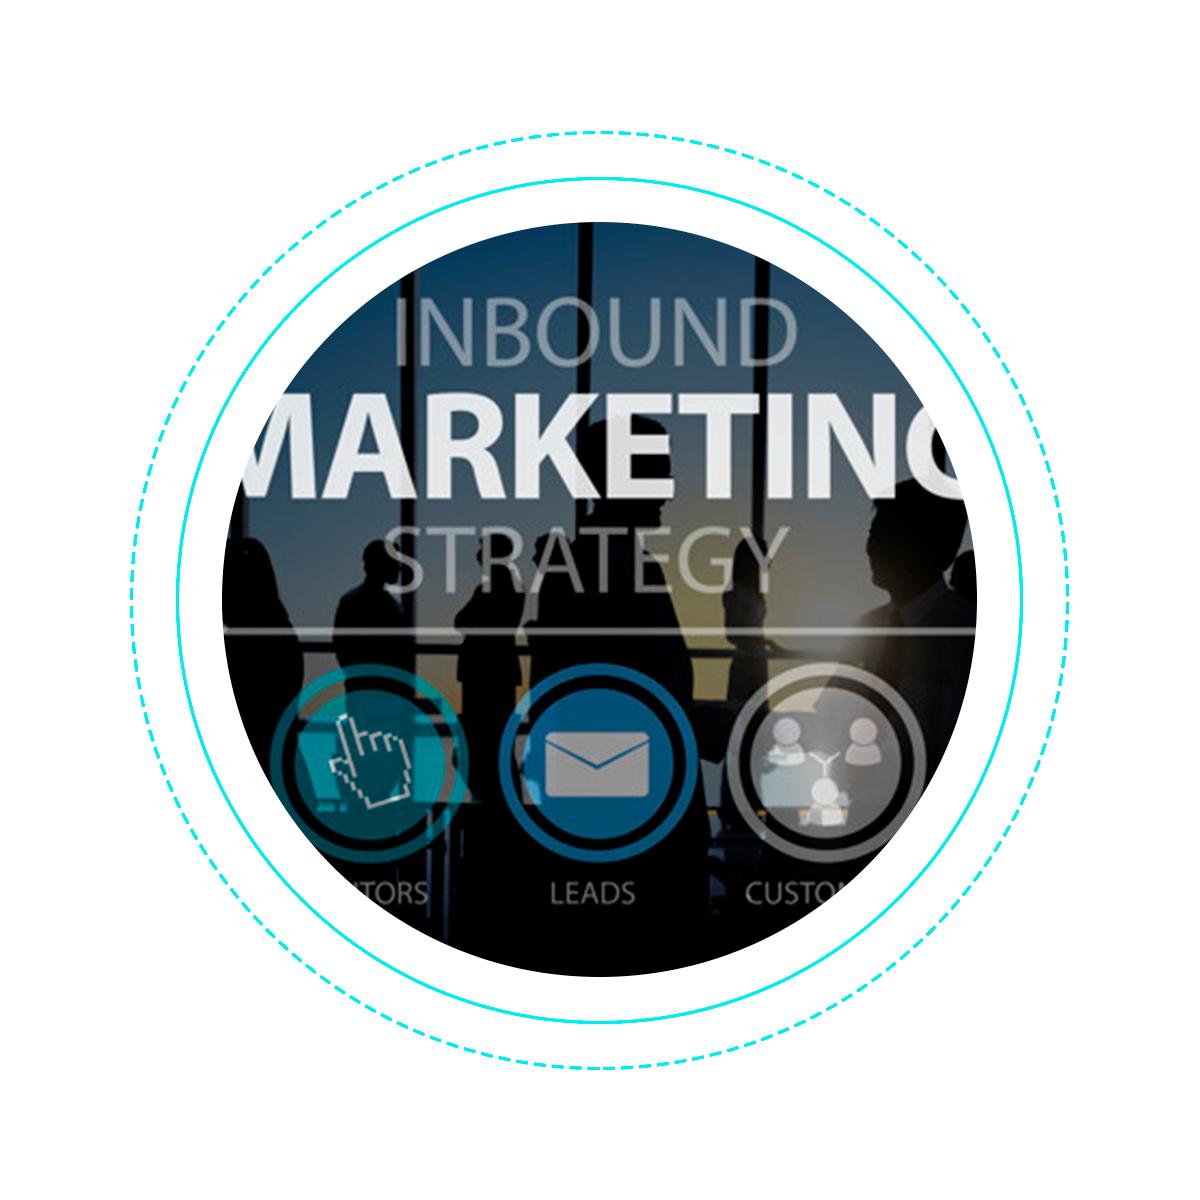 Tu empresa necesita Inbound Marketing, 5 sen¦âales que te lo indican